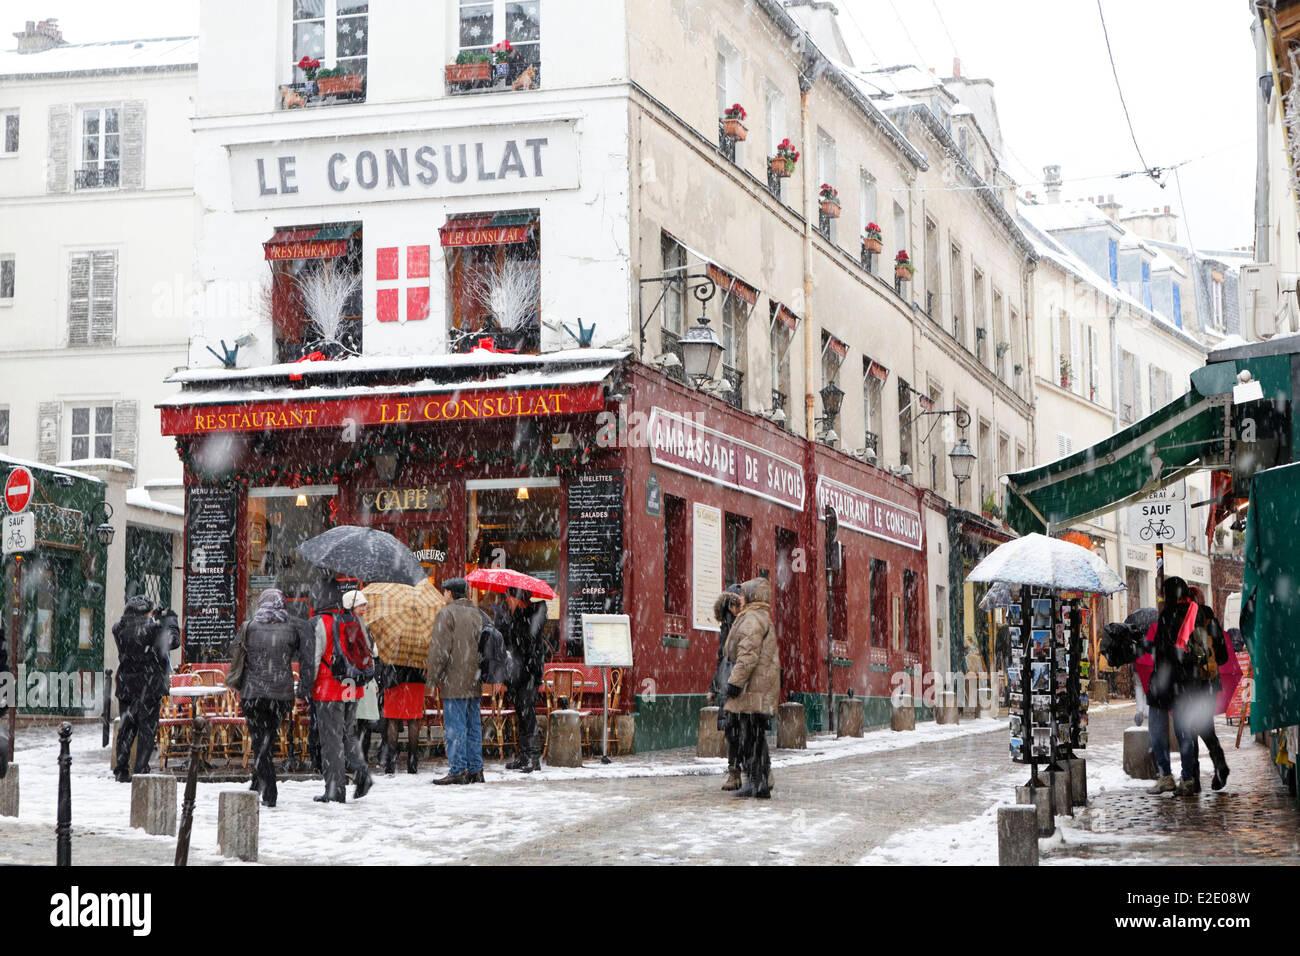 France paris restaurant le consulat montmartre under snow for Le miroir restaurant montmartre